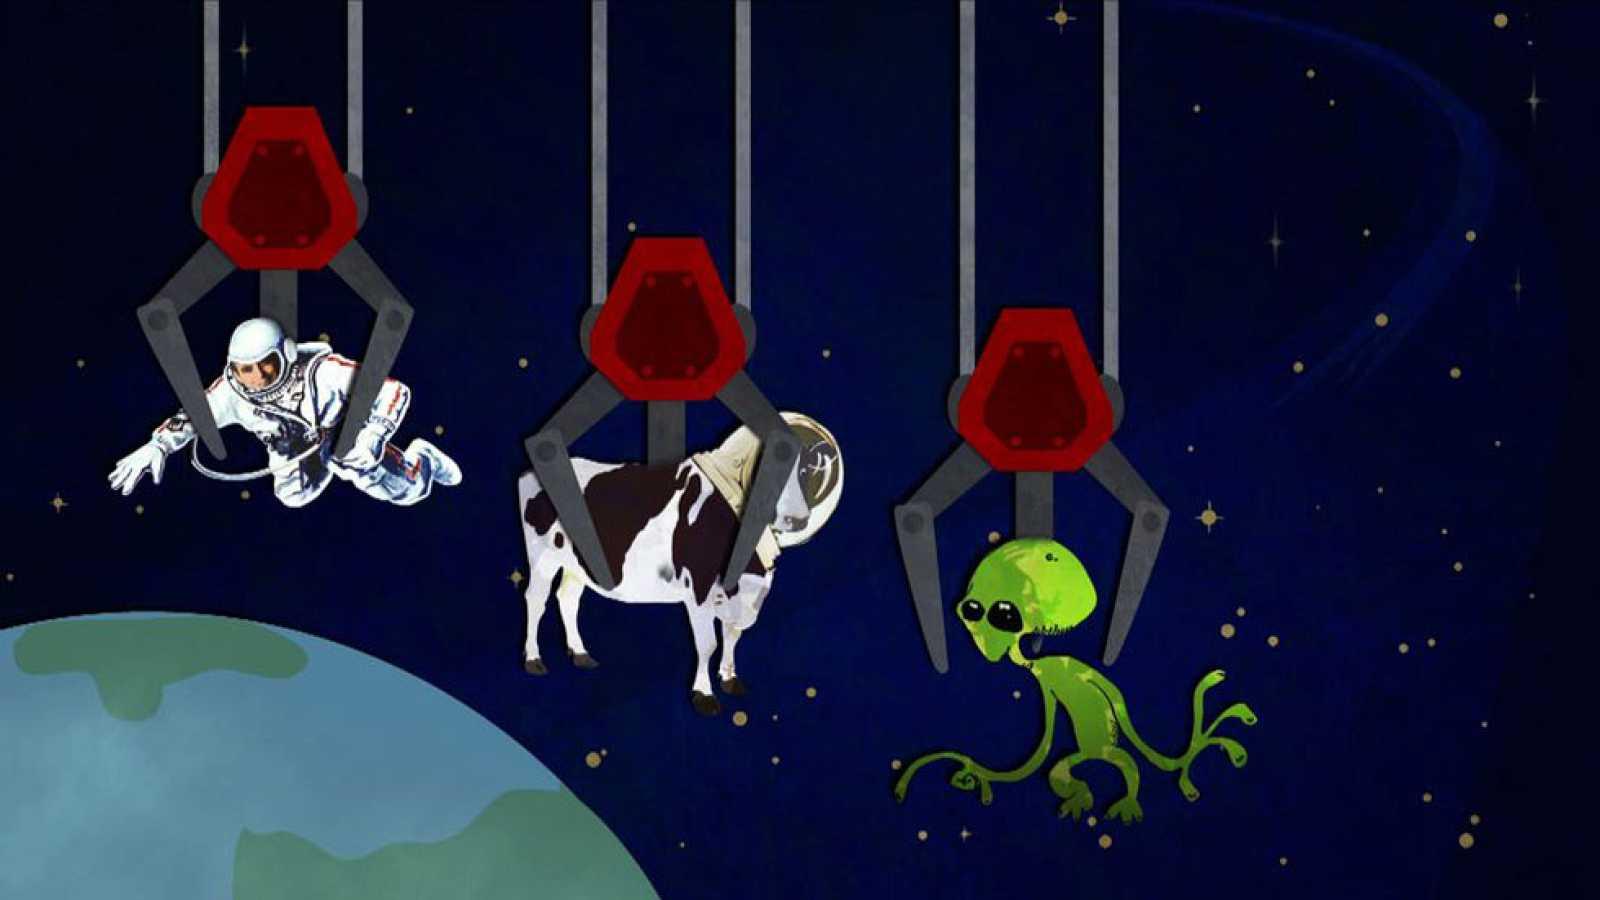 ¿Hay gravedad en el espacio?